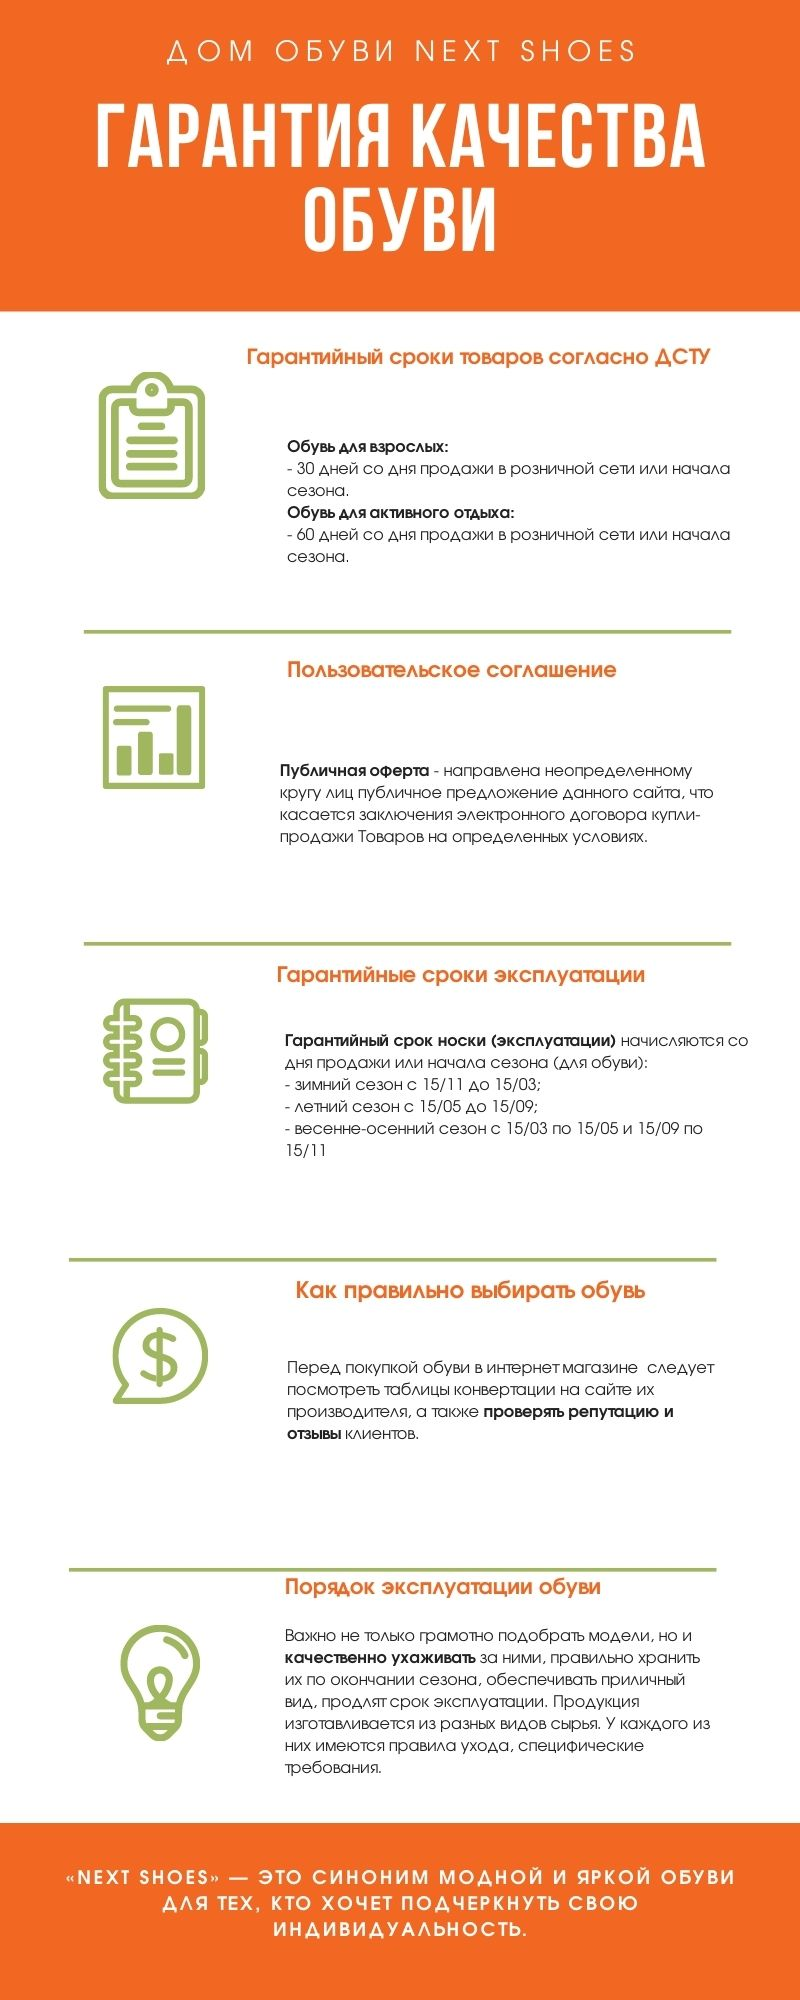 Гарантии на обувь в соответствии с Законом Украины «О защите прав потребителя»